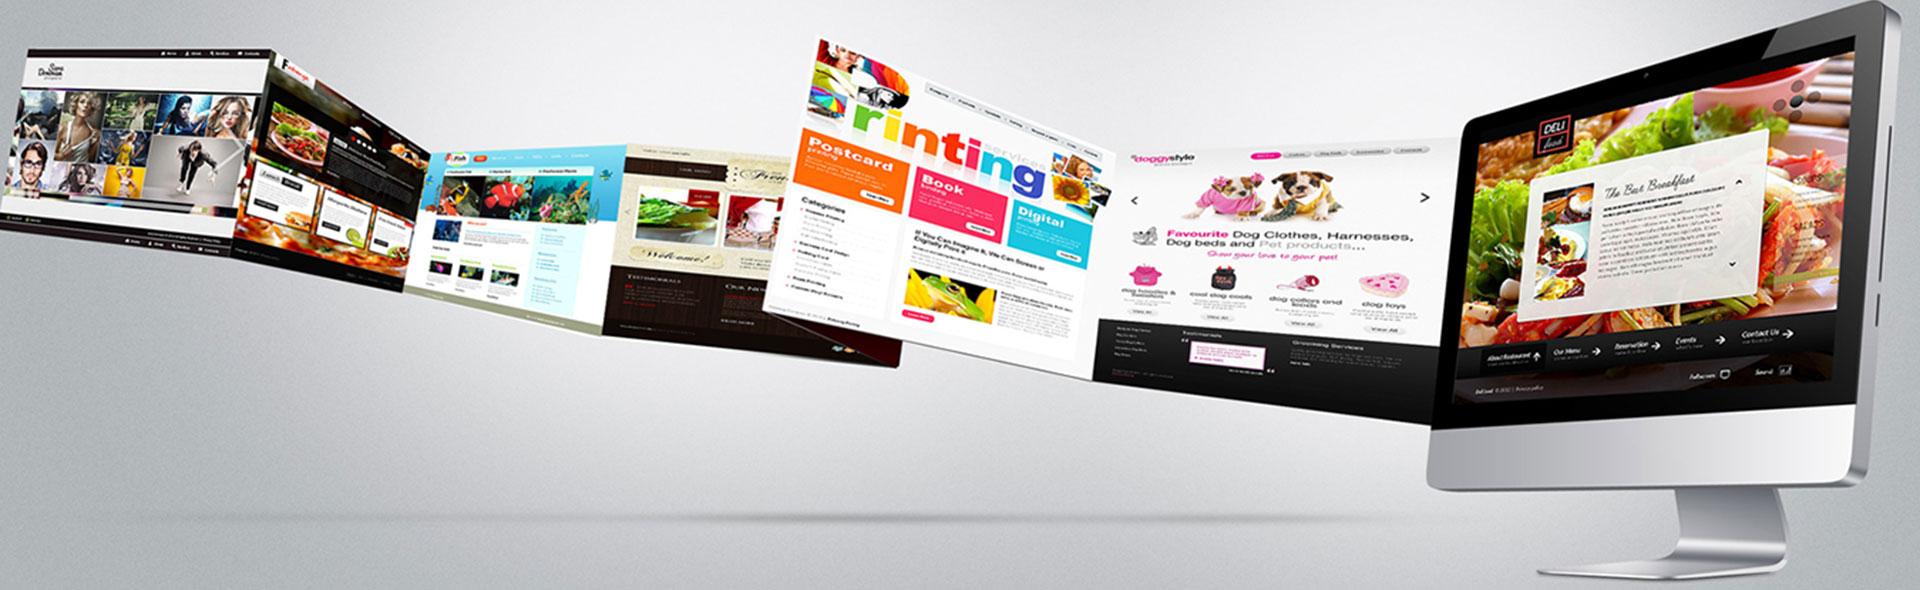 Создание web сайтов магазин создание интернет-магазина на битрикс москва